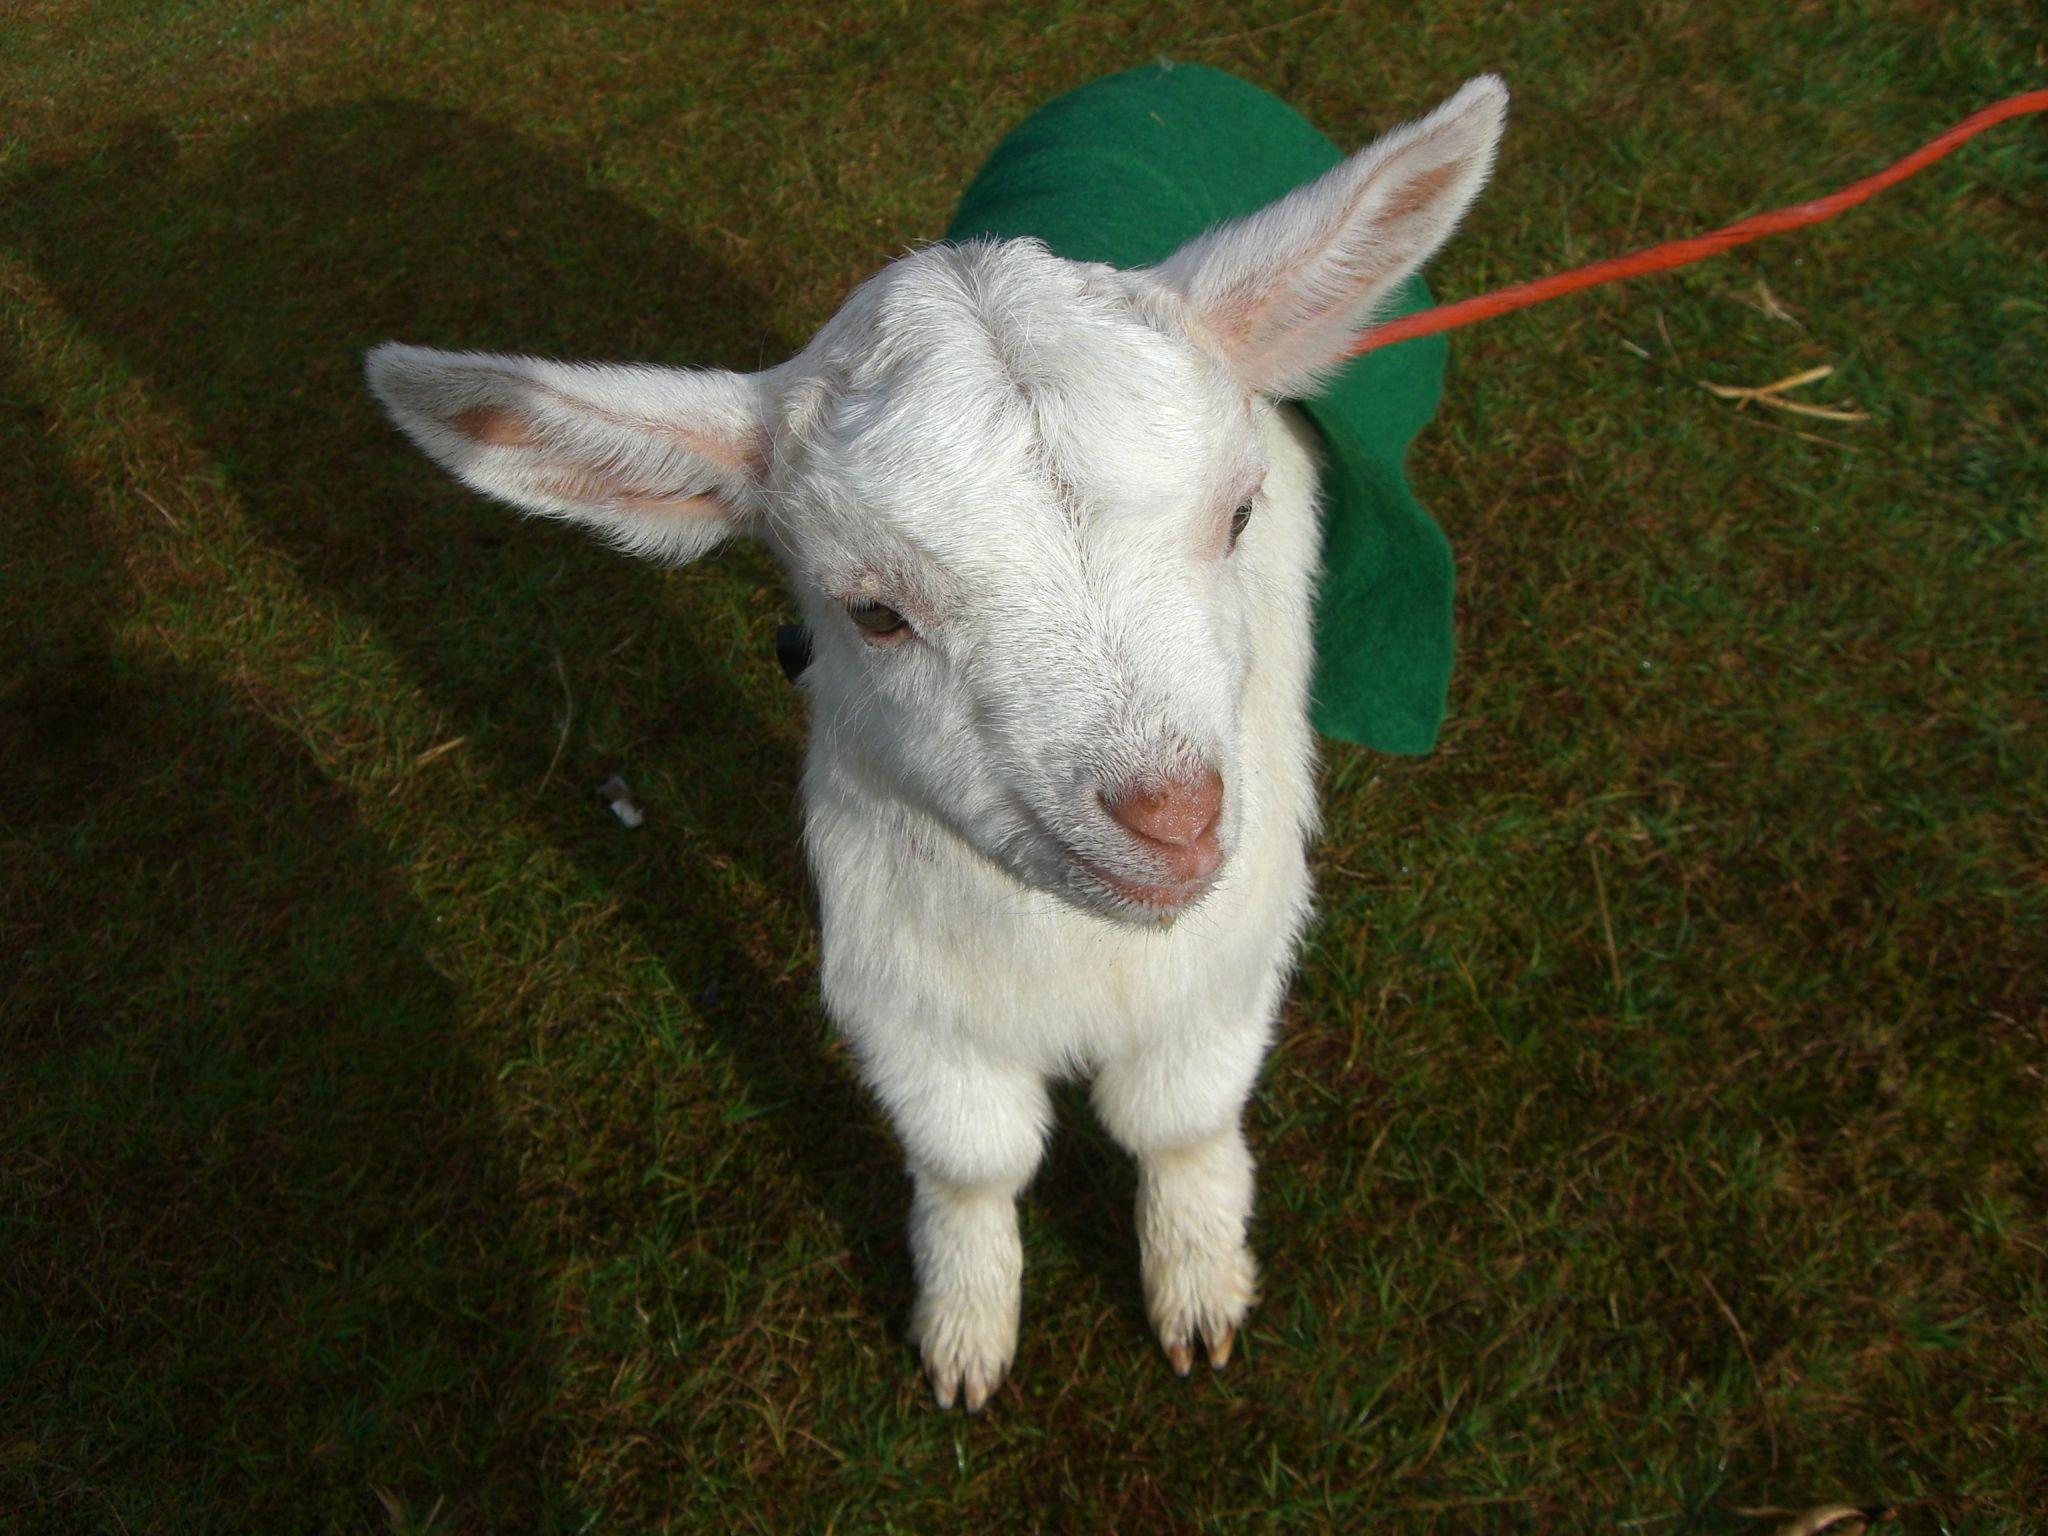 what a cute pet!